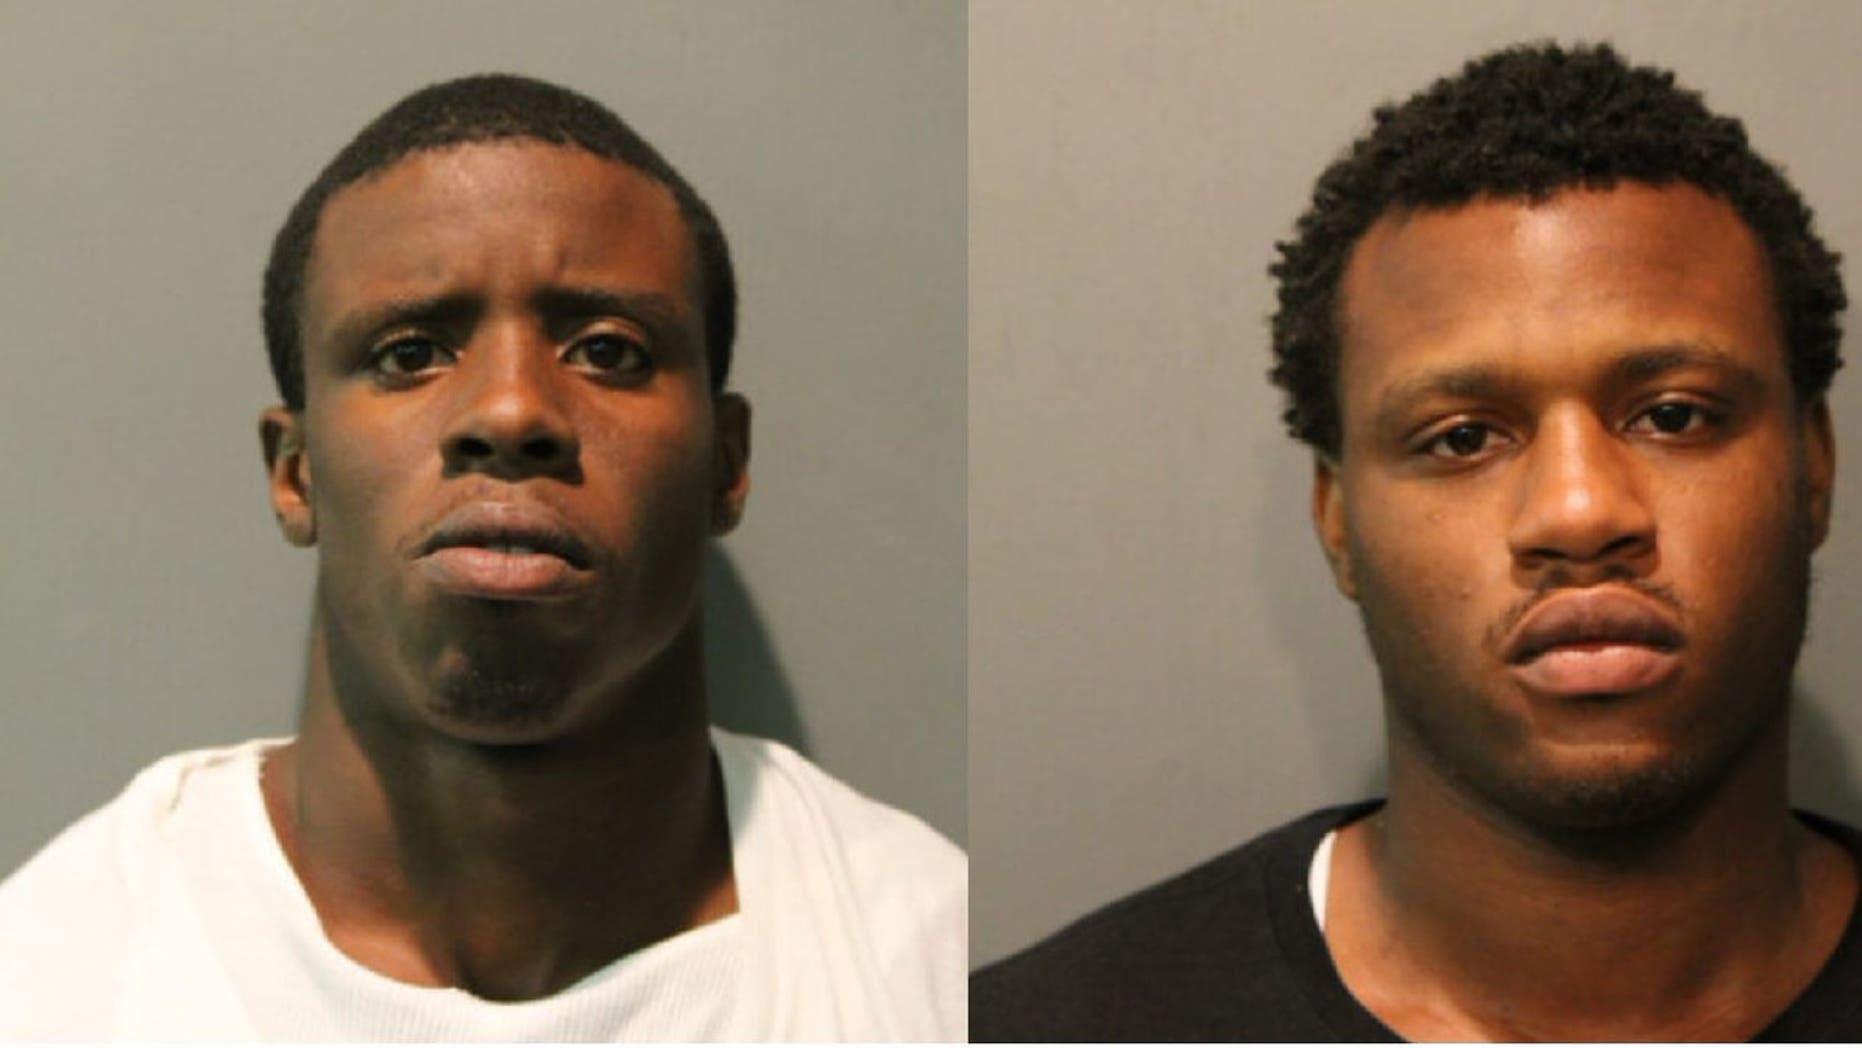 Darwin Sorrells Jr., left, and Derren Sorrells, right, were charged in Nykea Aldridge's death.